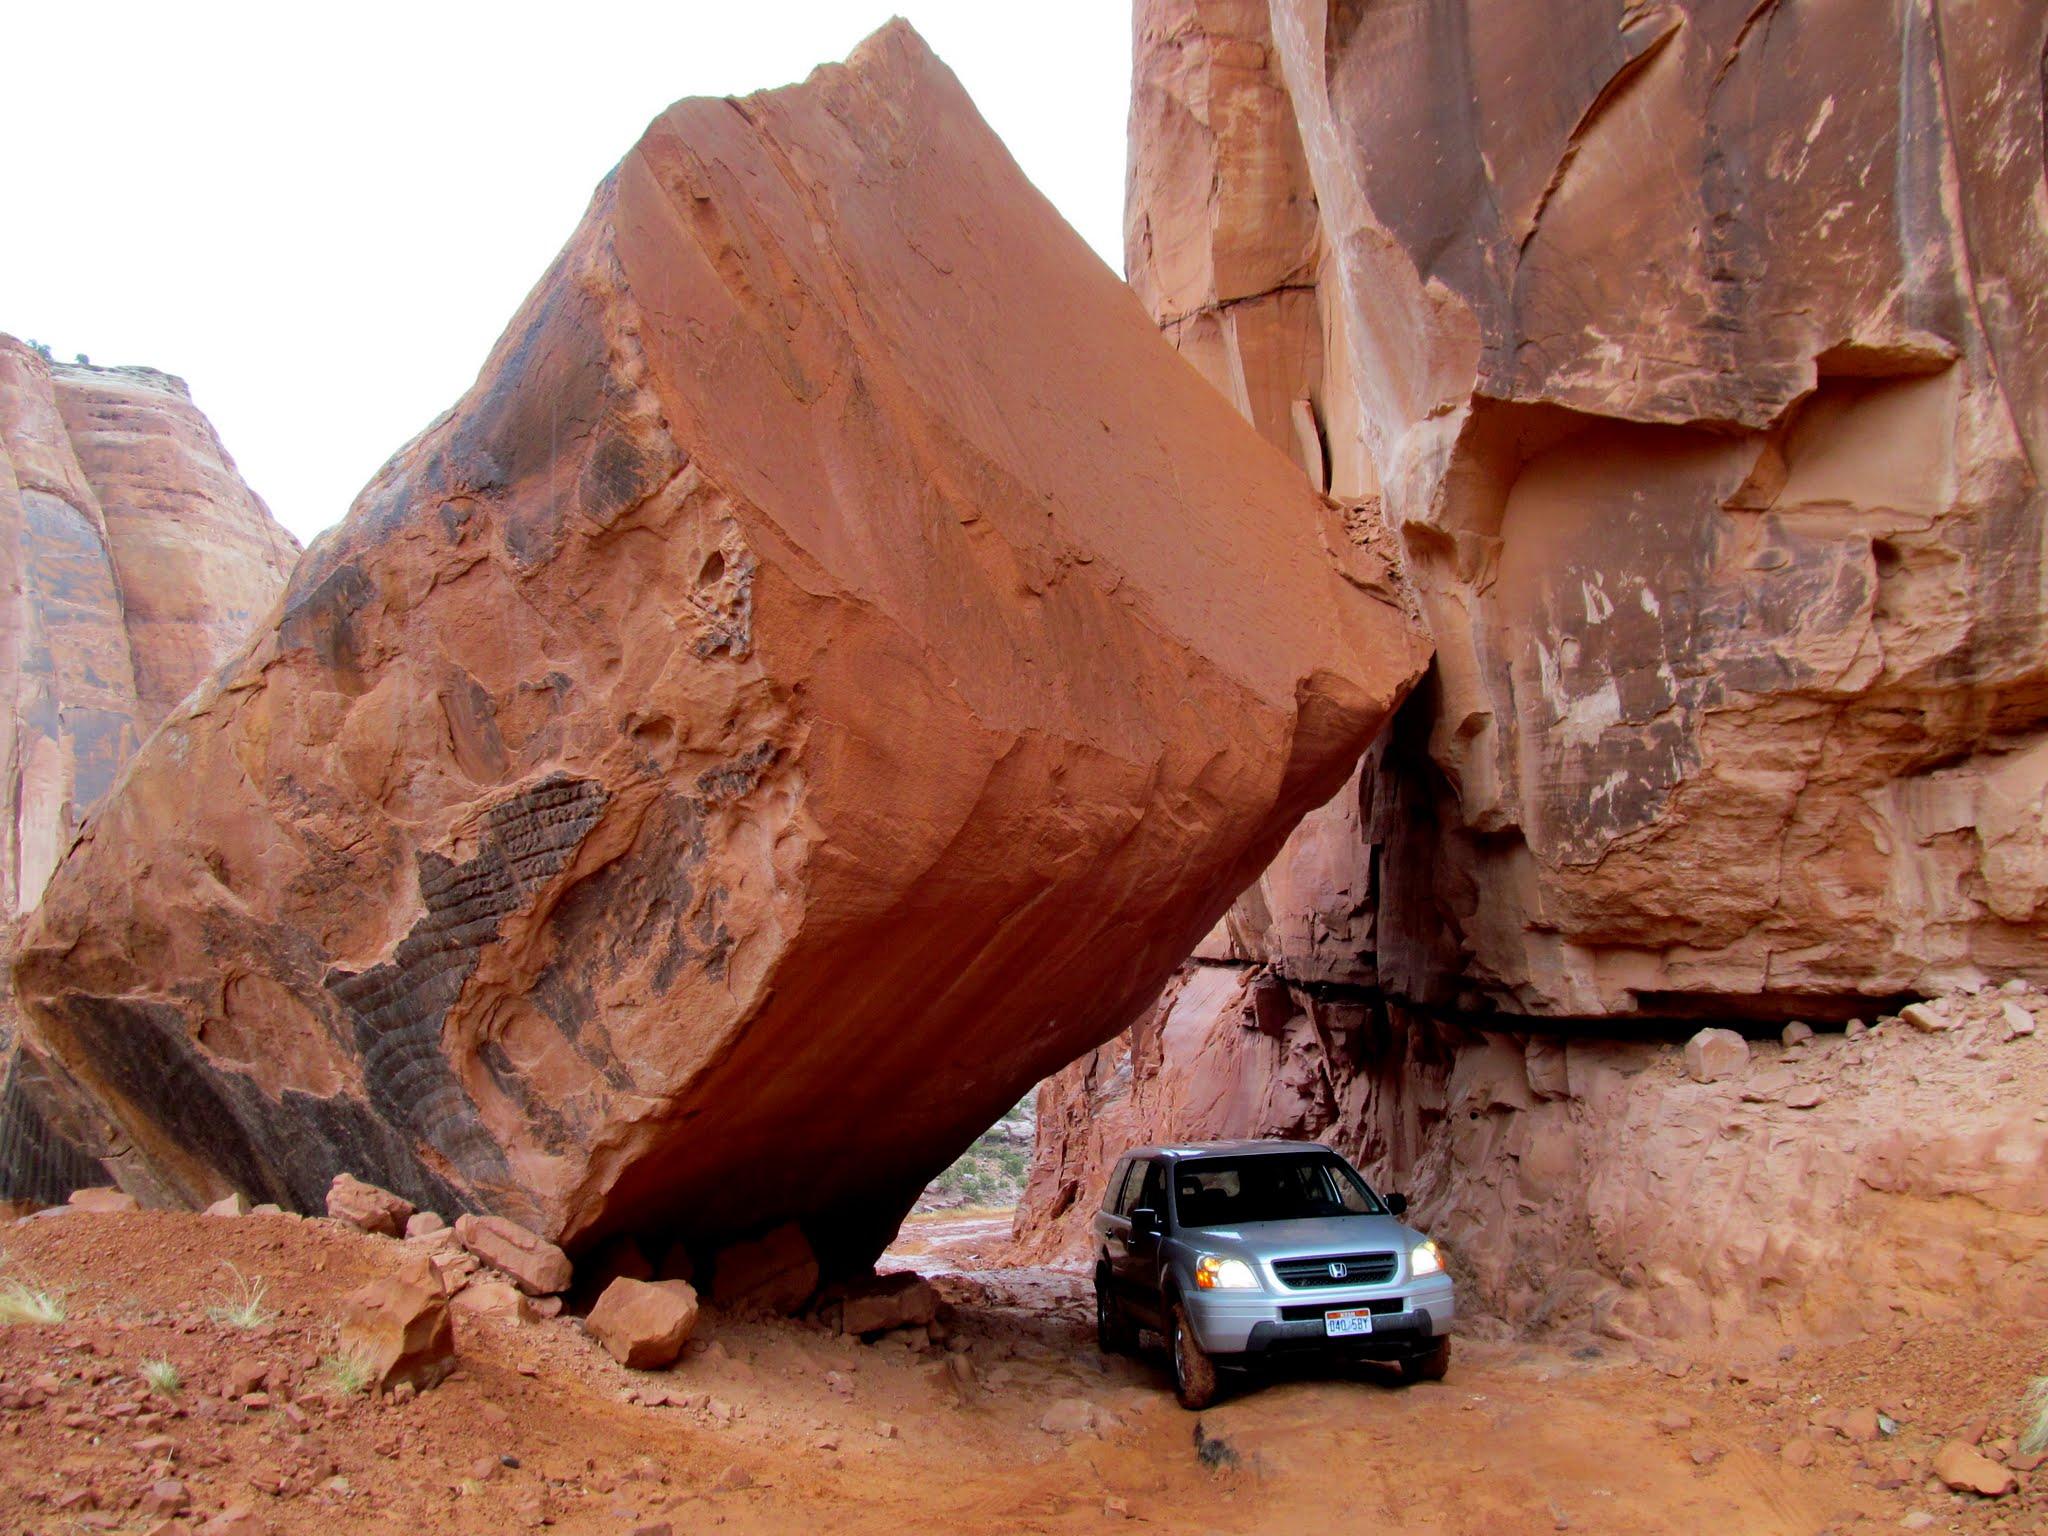 Photo: Under the boulder